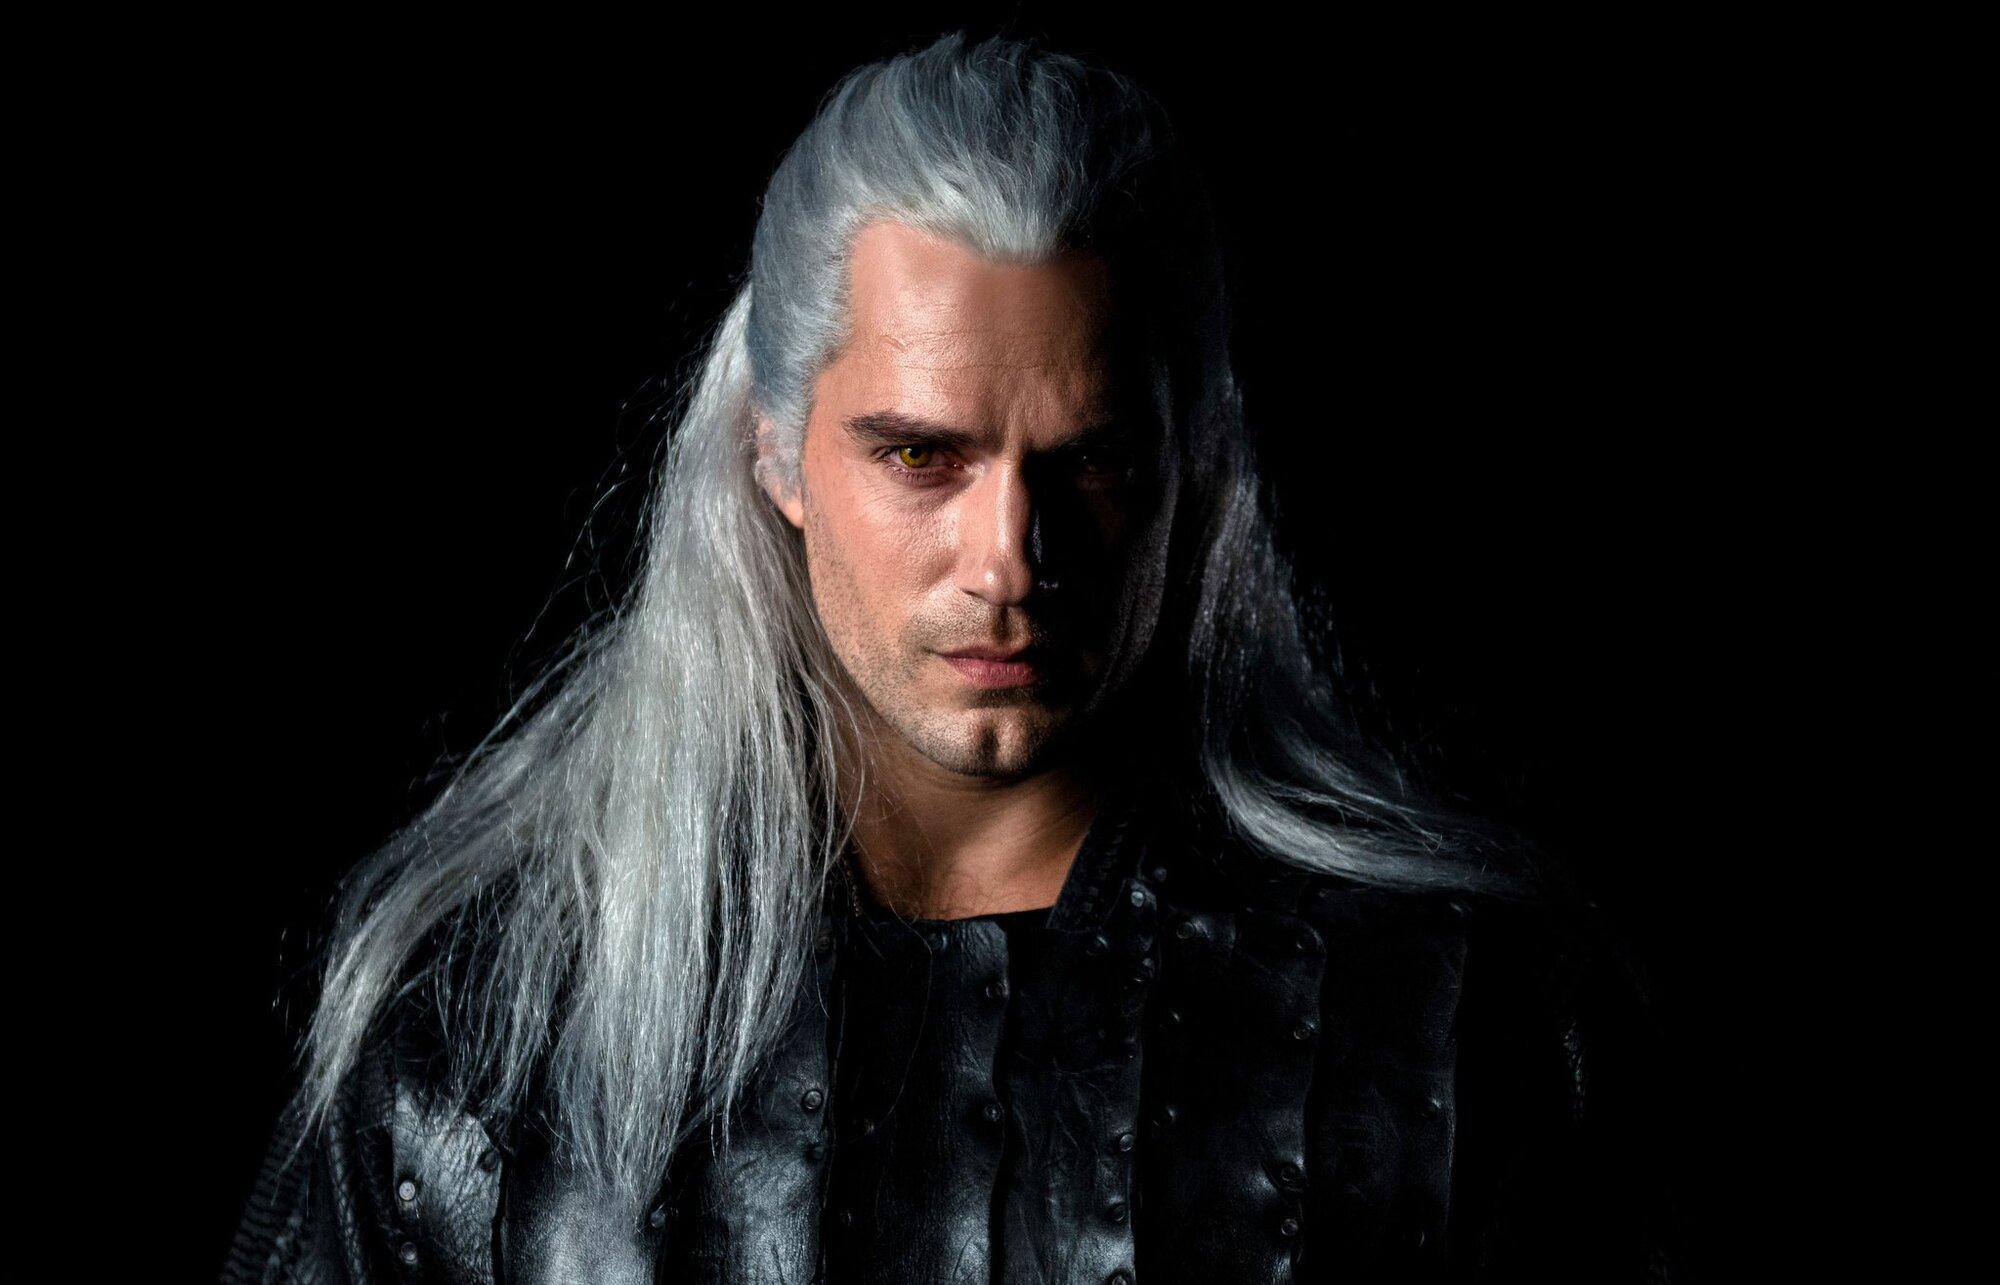 henry-cavill-netflix-the-witcher-geralt-of-rivia.jpg